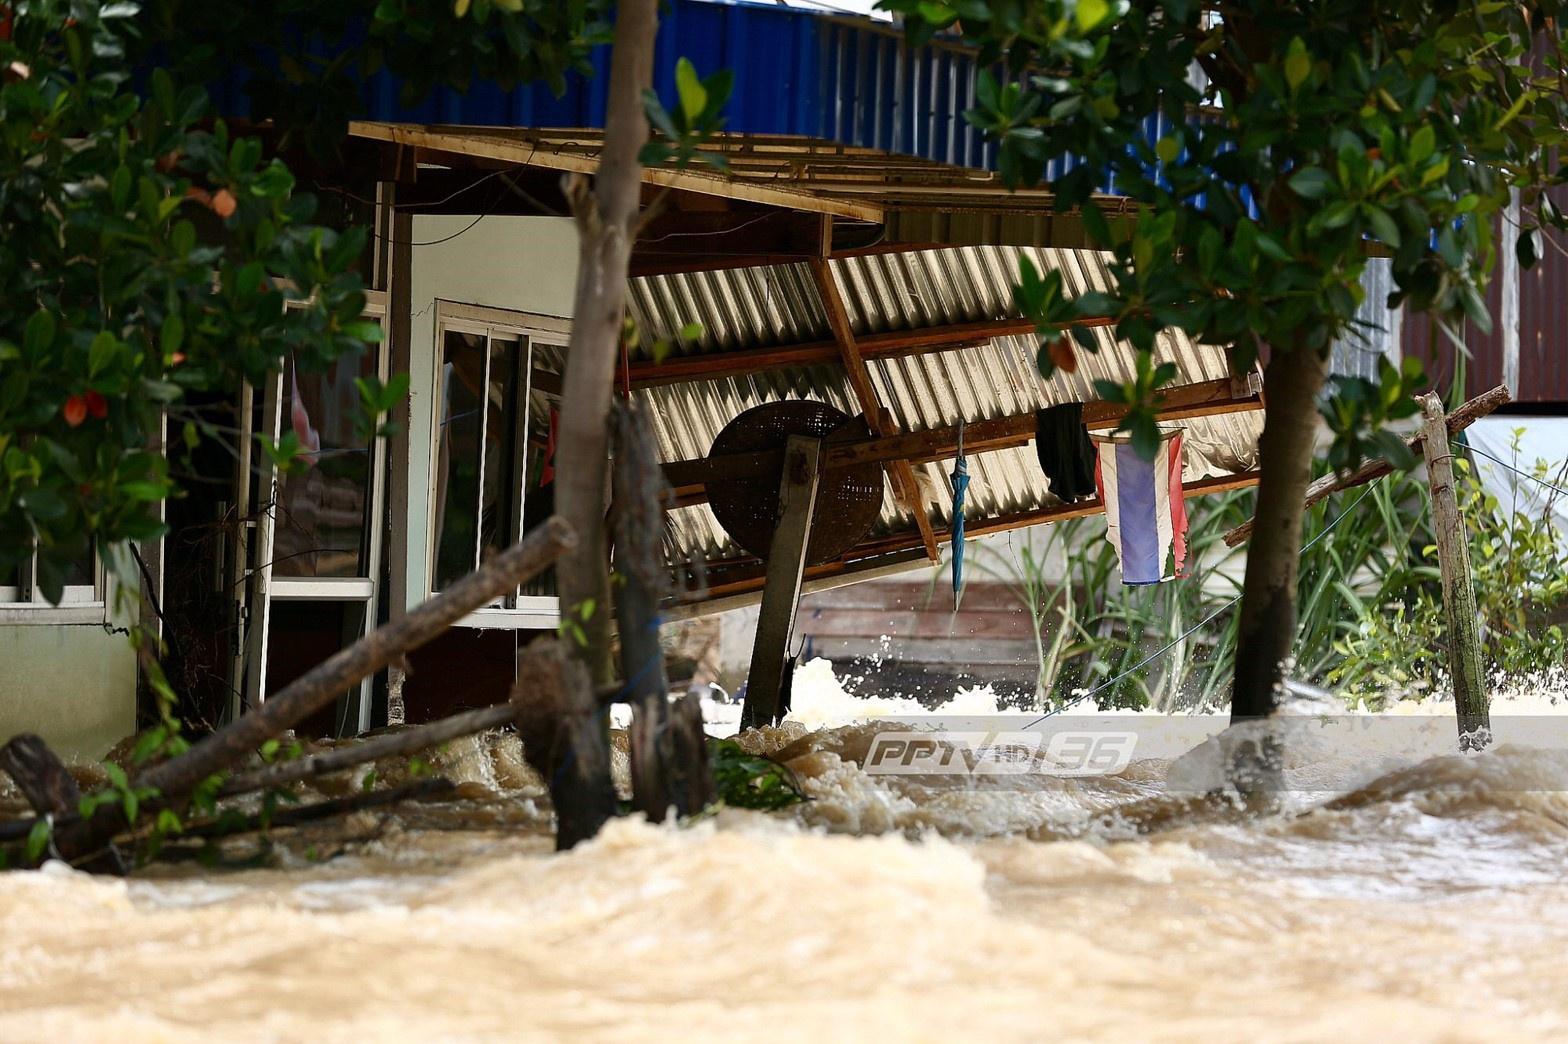 สารพัดวิธีฟื้นฟูบ้านหลังน้ำท่วมอย่างปลอดภัย